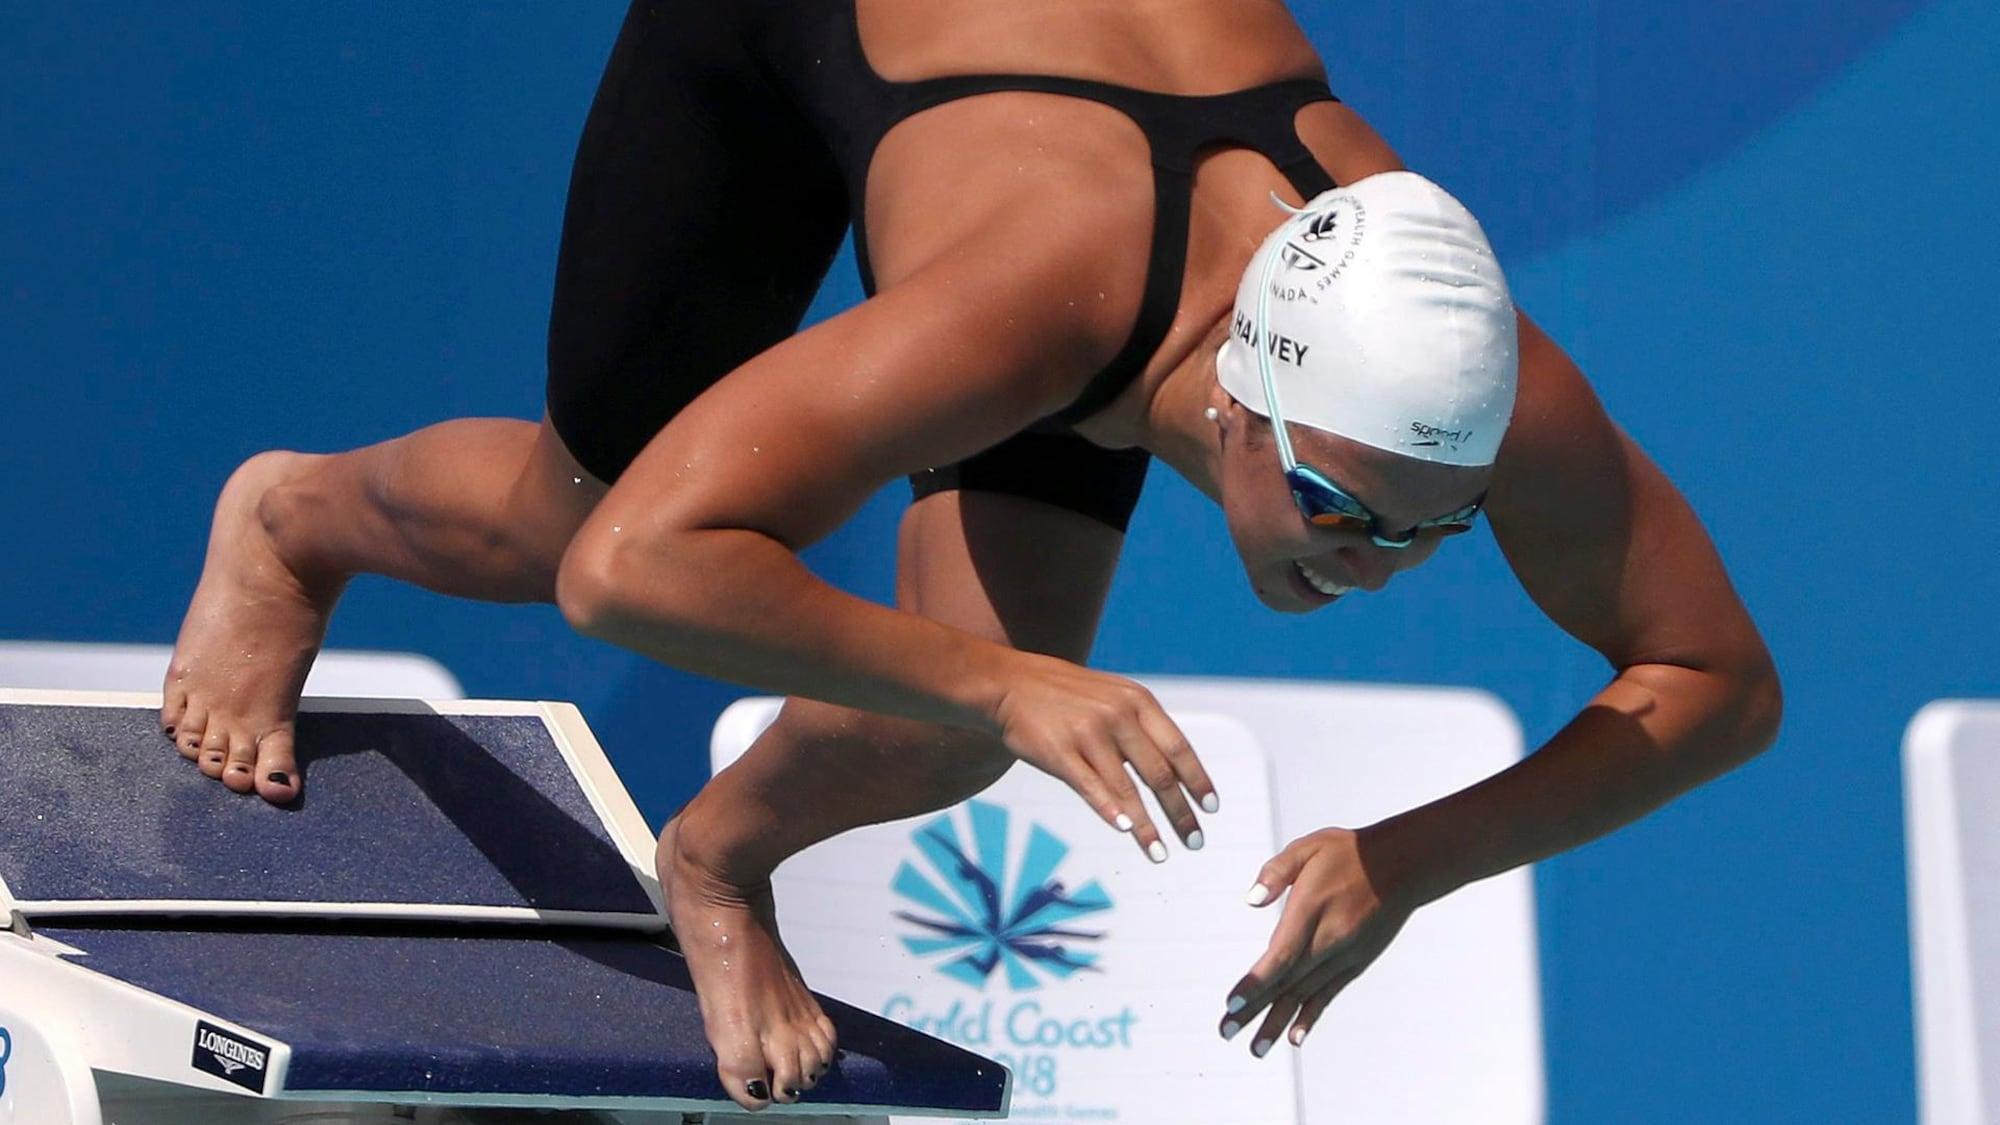 La nageuse, sur le plot de départ, s'apprête à s'élancer dans l'eau.